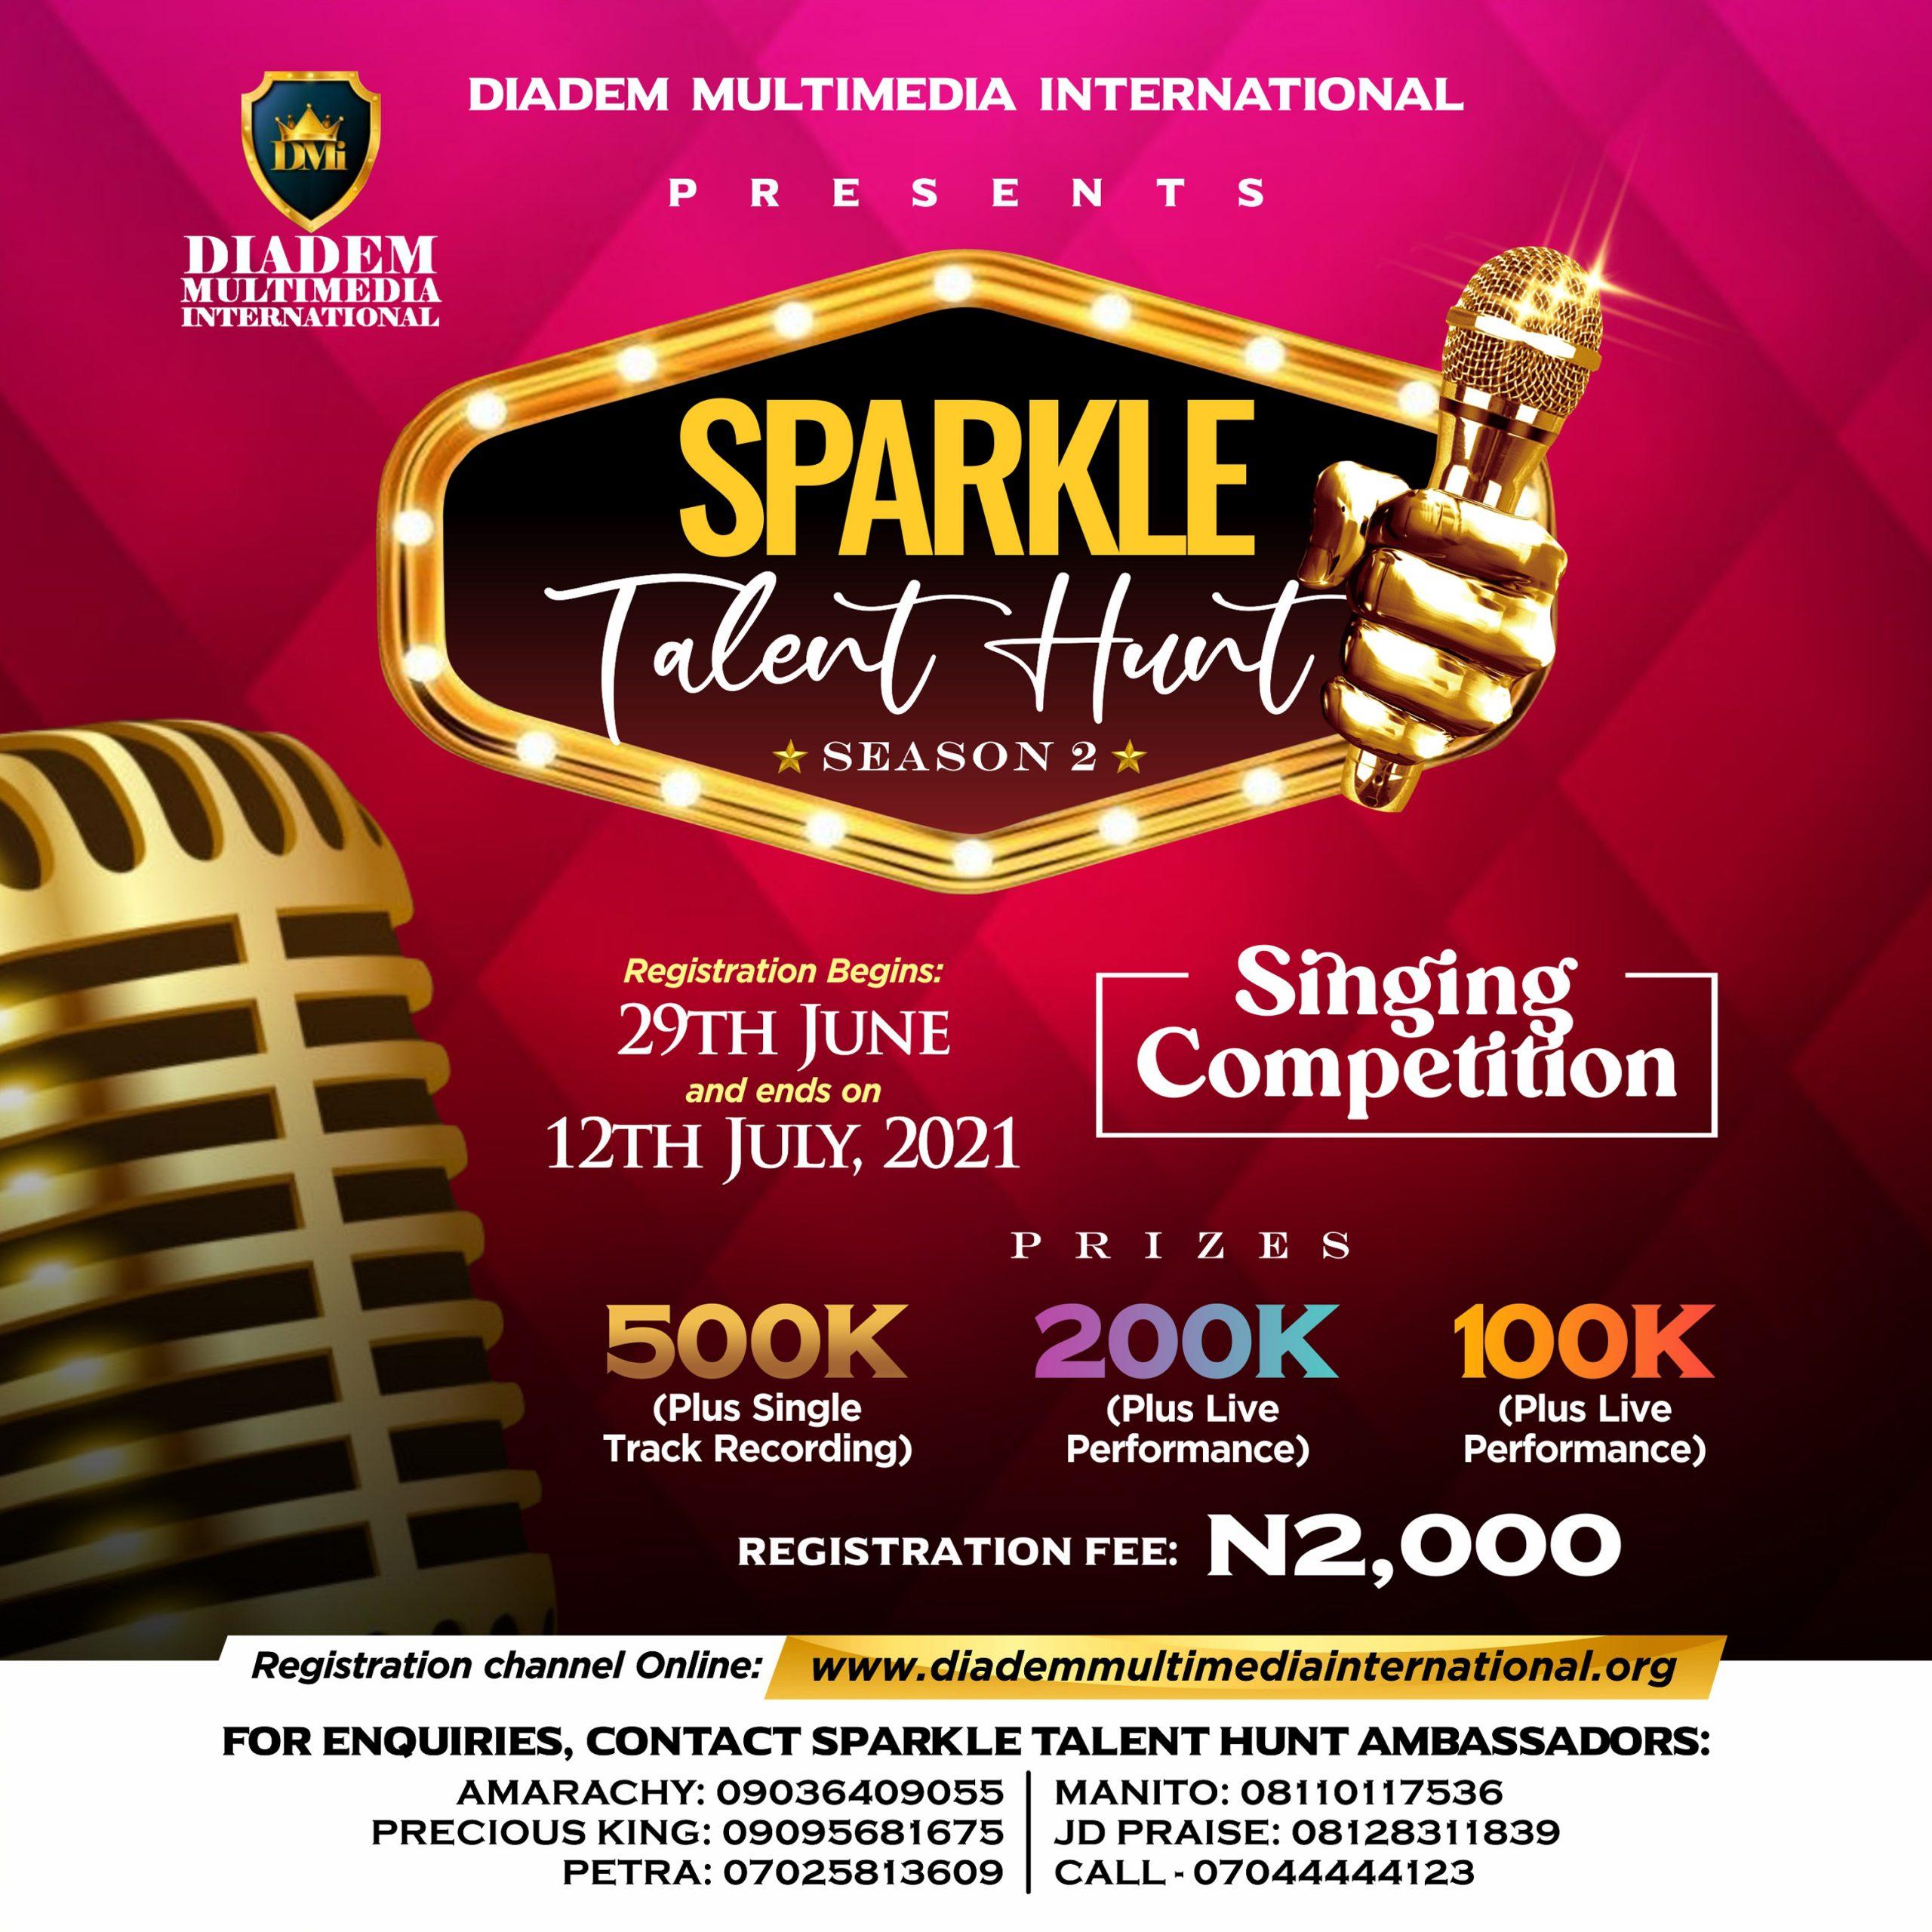 Registration For Sparkle Talent Hunt Season Begins